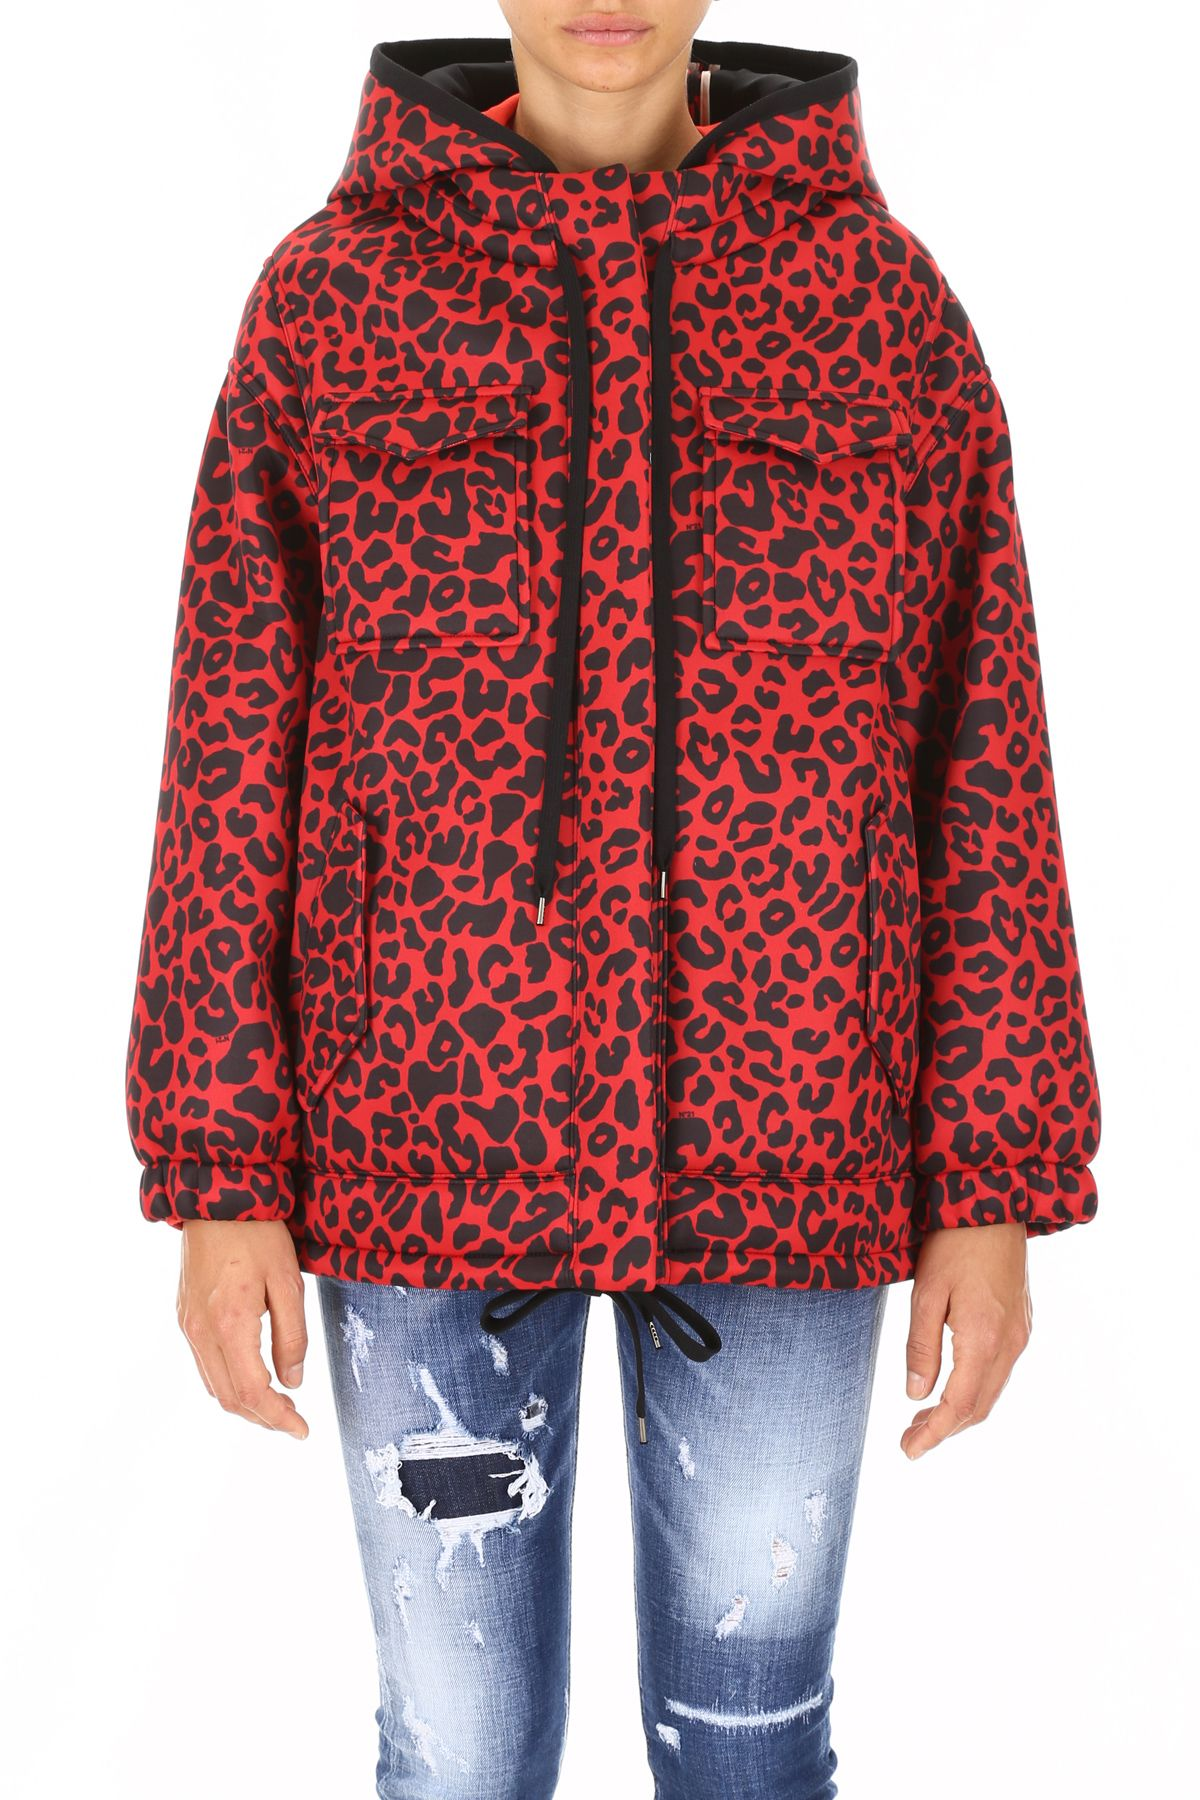 0bf0b7c1ad96 N.21 N.21 Leopard Printed Jacket - BLACK RED (Red) - 10663696 | italist